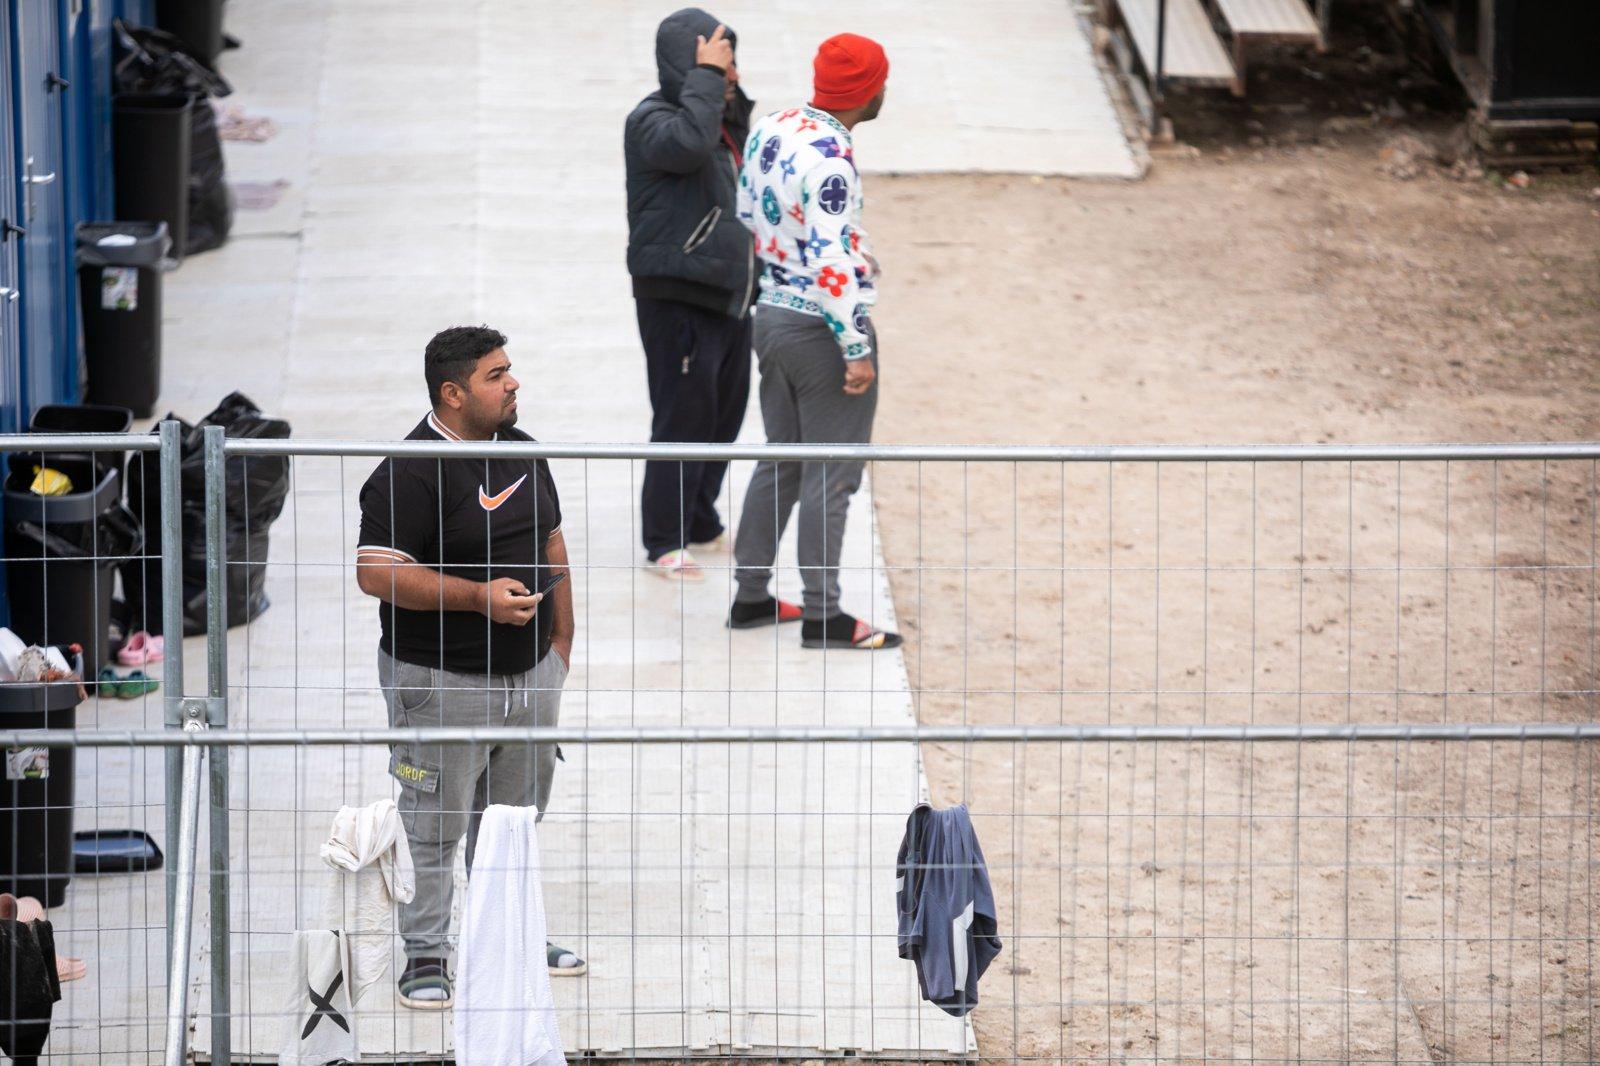 Lietuva ragina Iraką aktyviau įsitraukti į migrantų priverstinio grąžinimo procesus